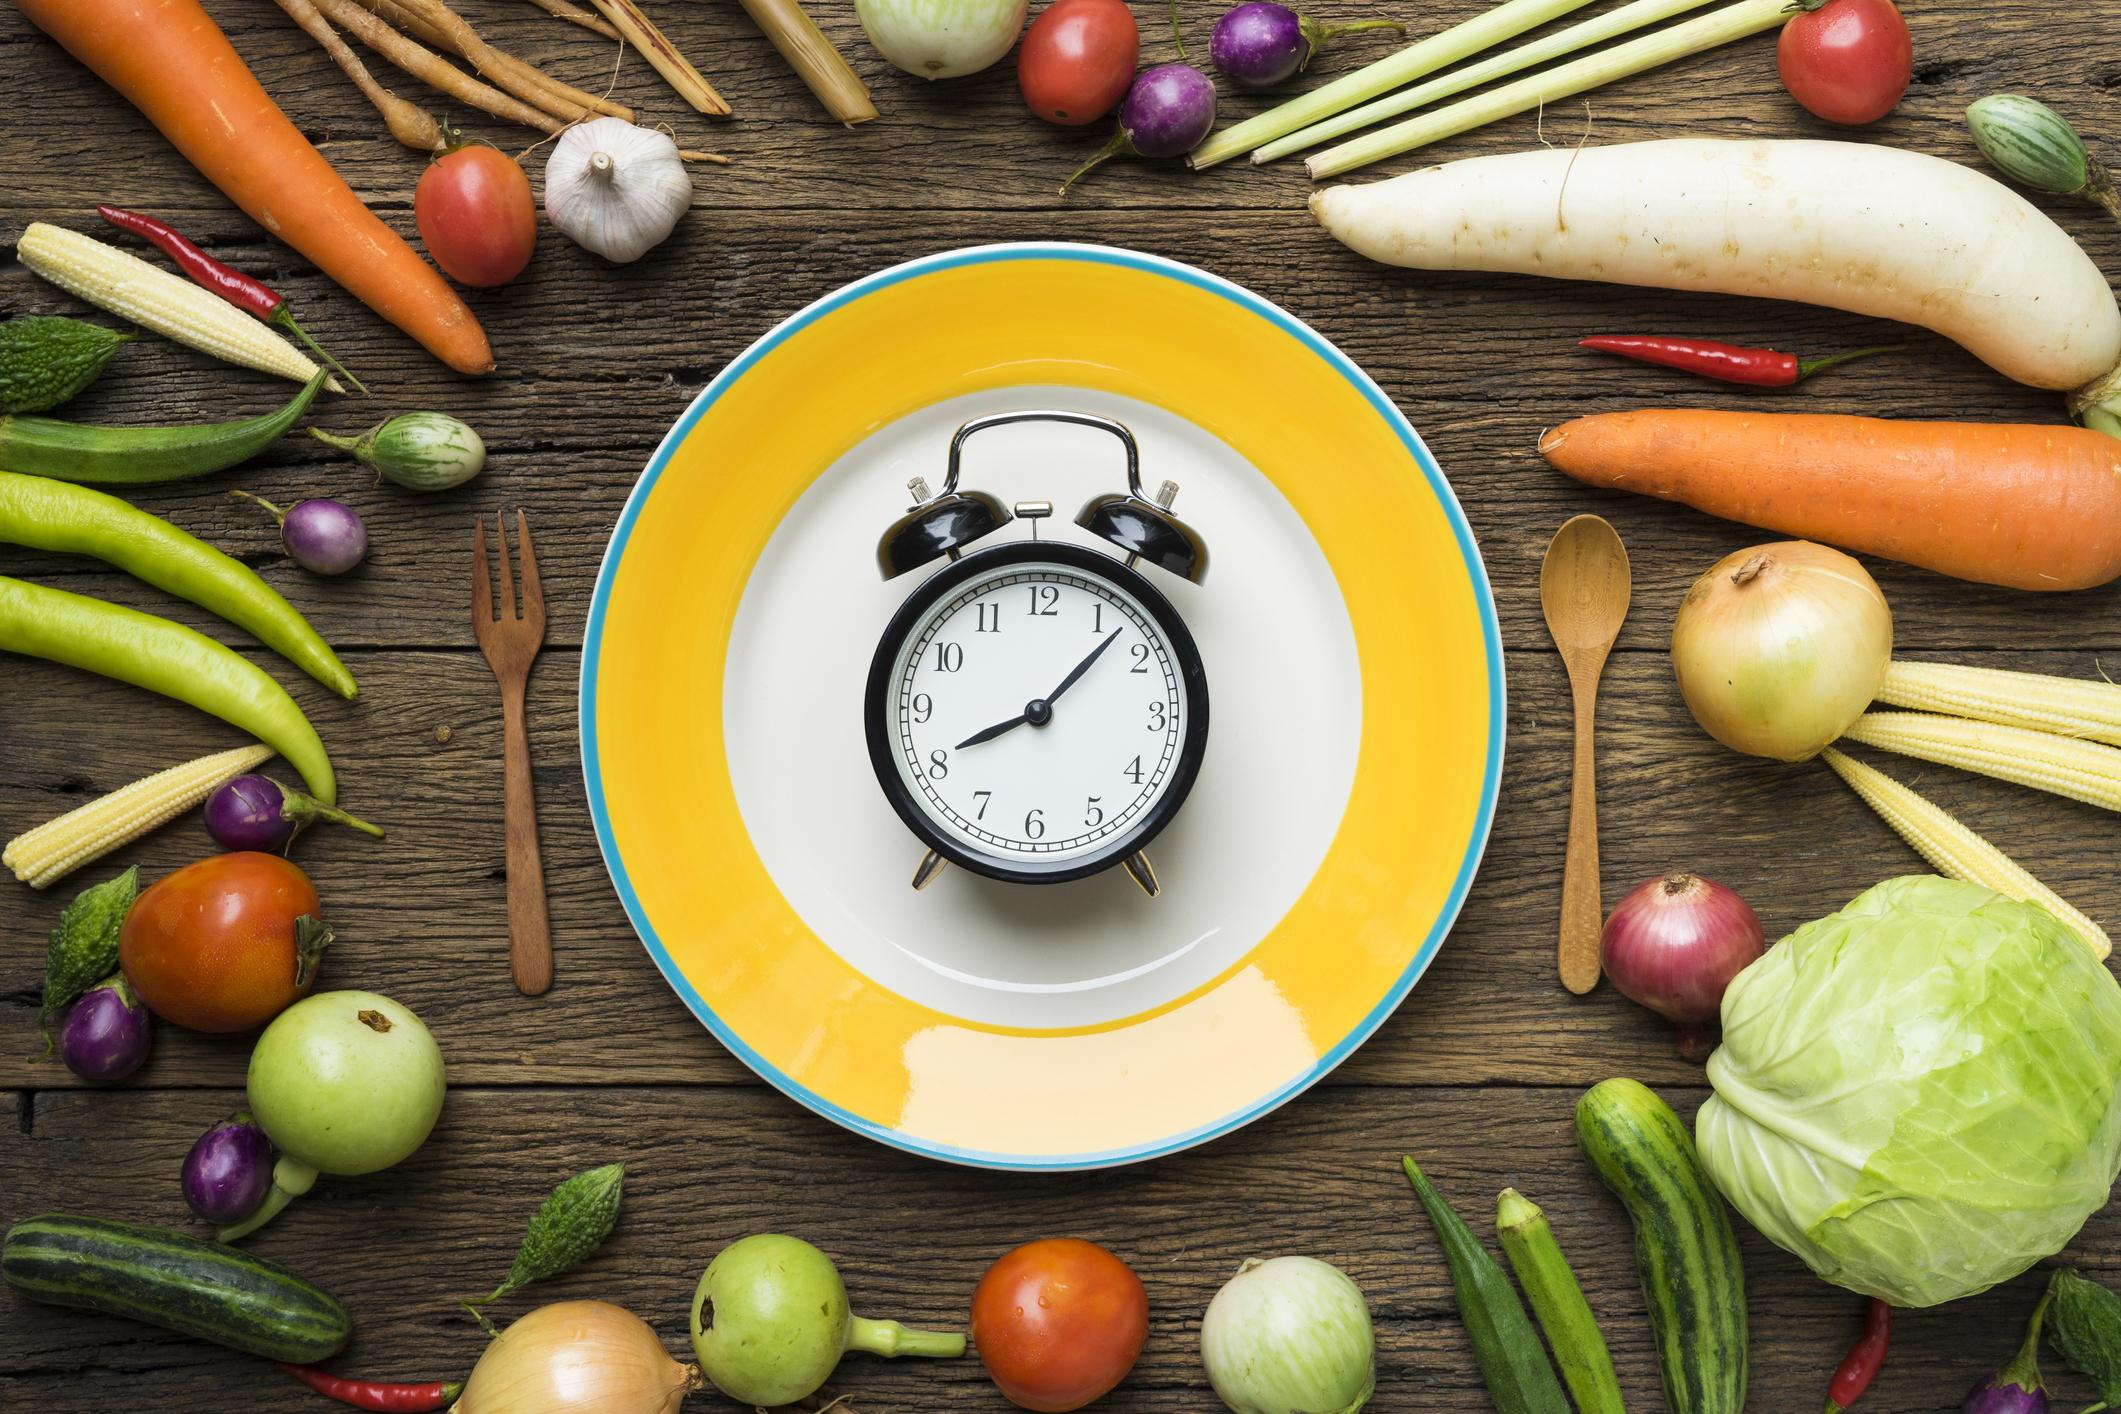 Kako s manje hrane živjeti bolje (prvi dio)